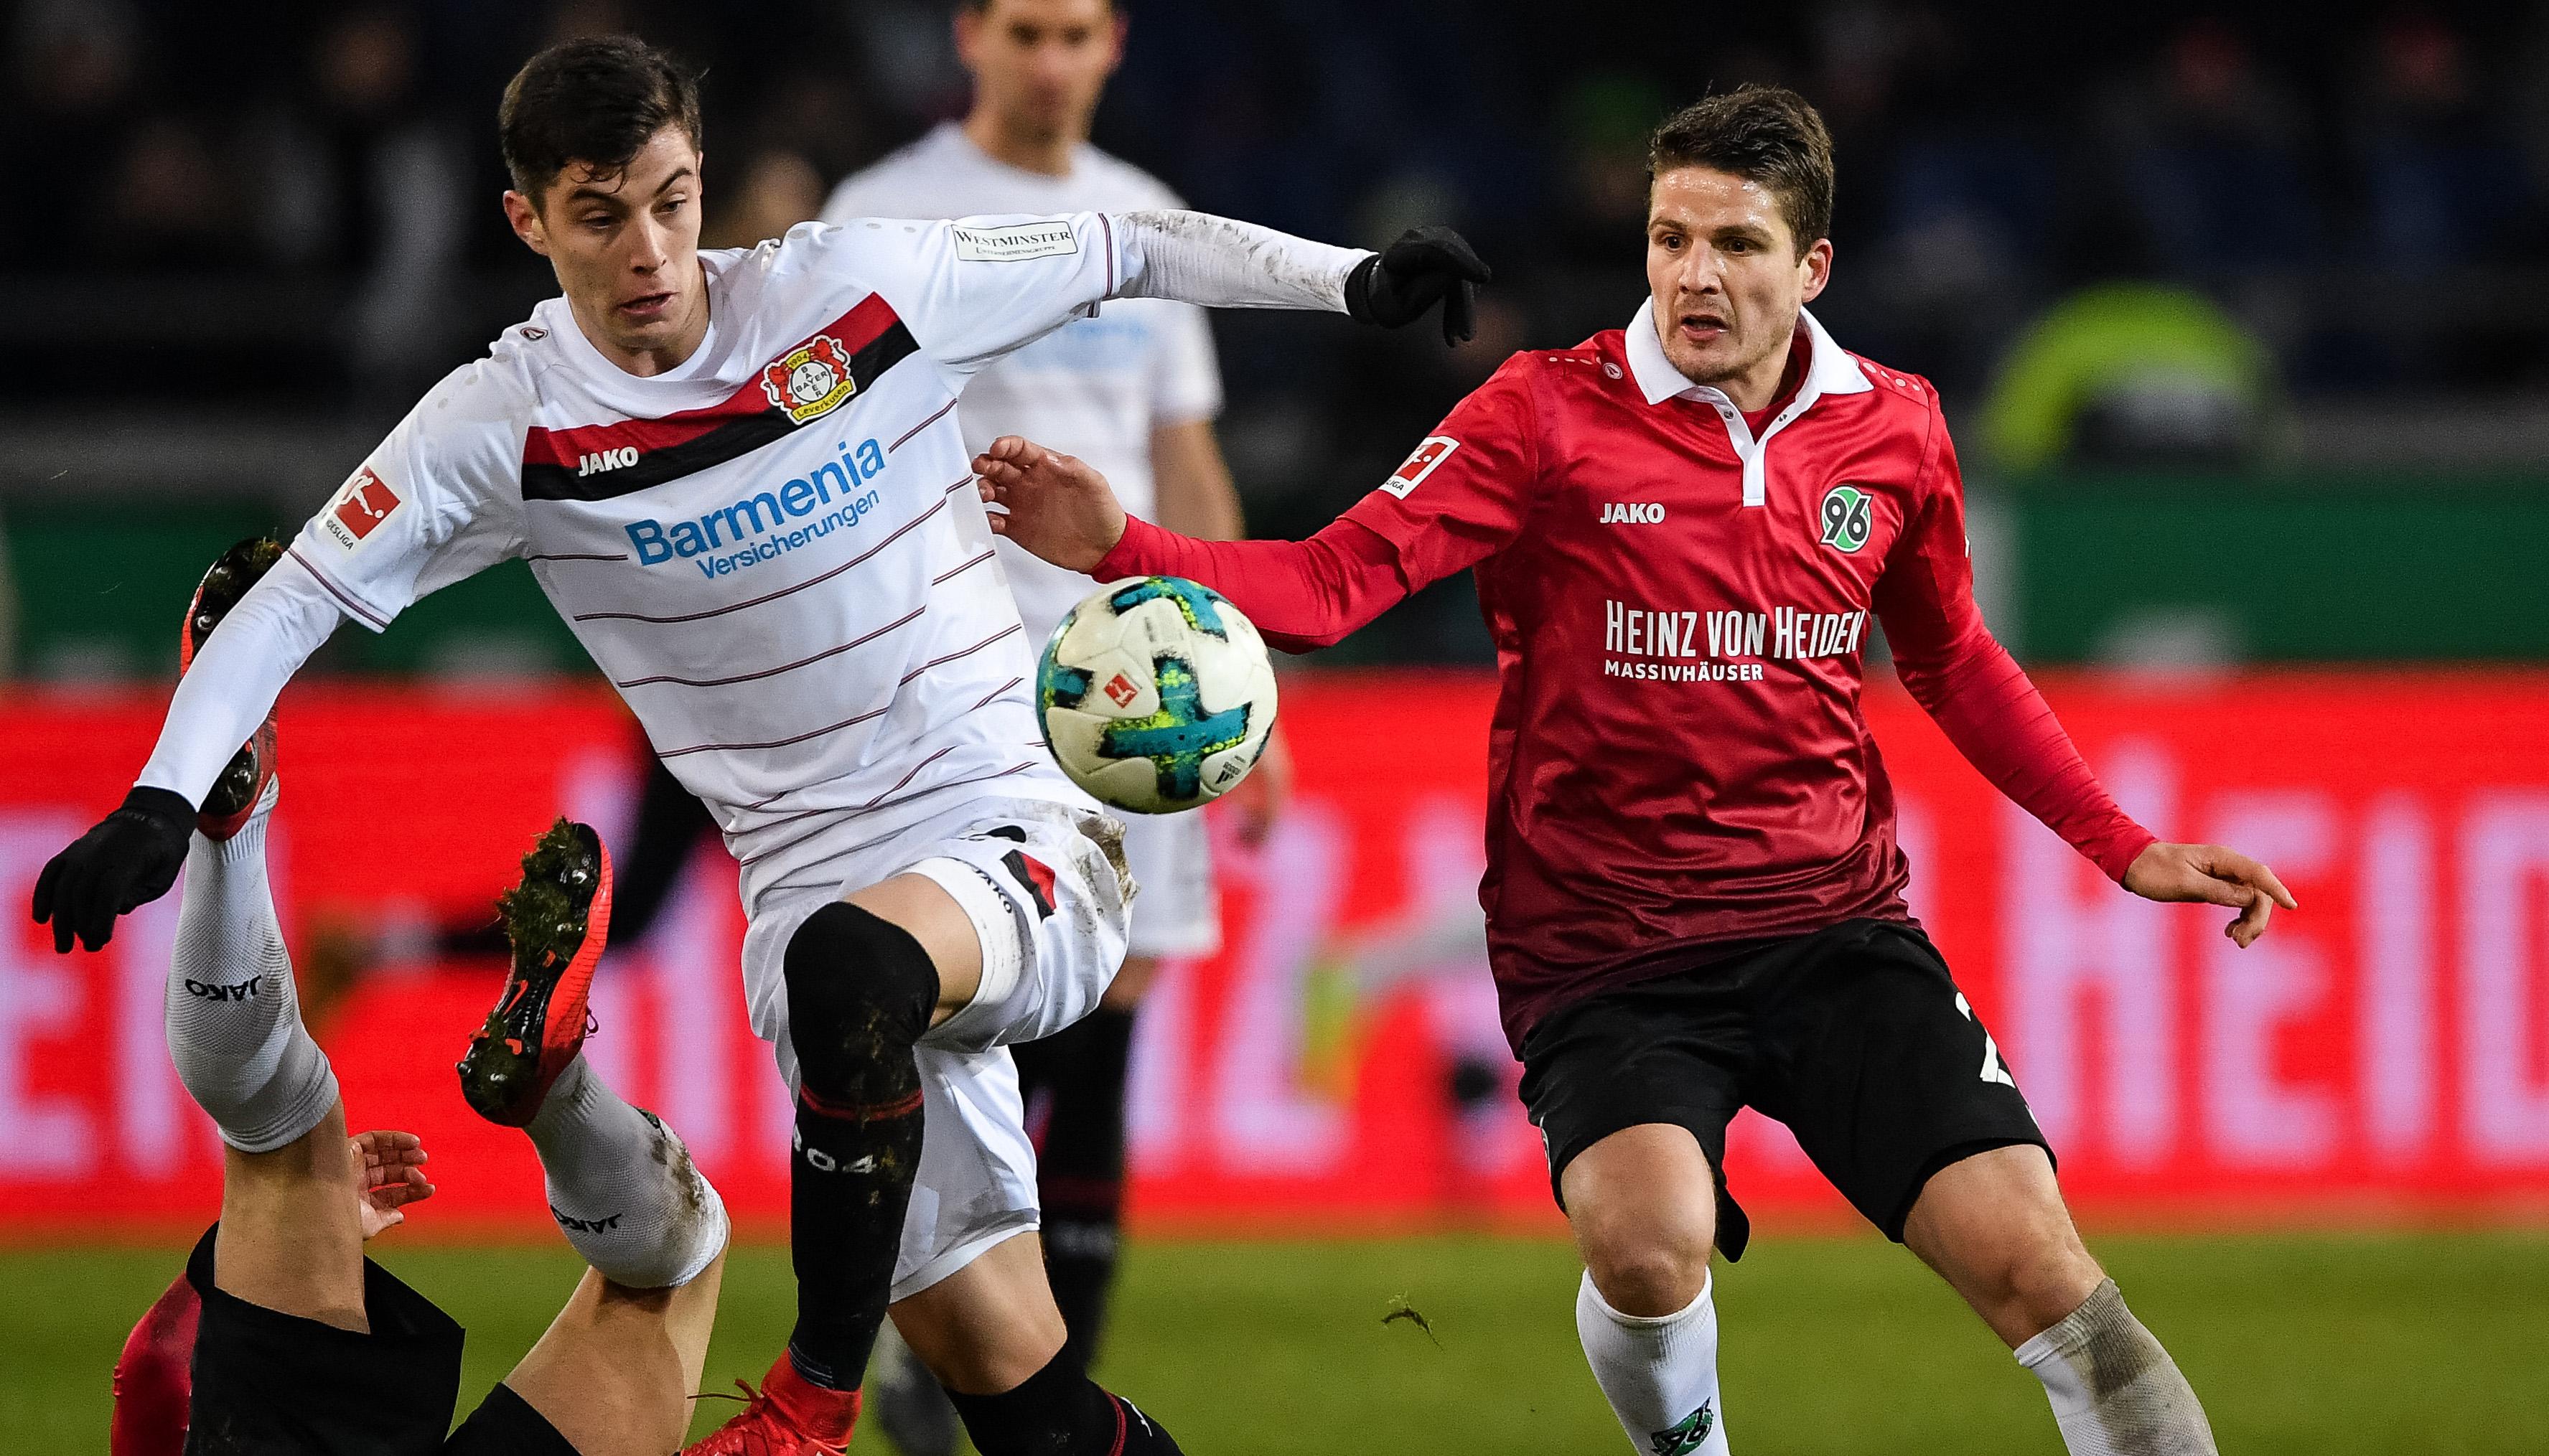 Bayer Leverkusen – Hannover 96: Die Werkself trifft auf einen Lieblingsgegner